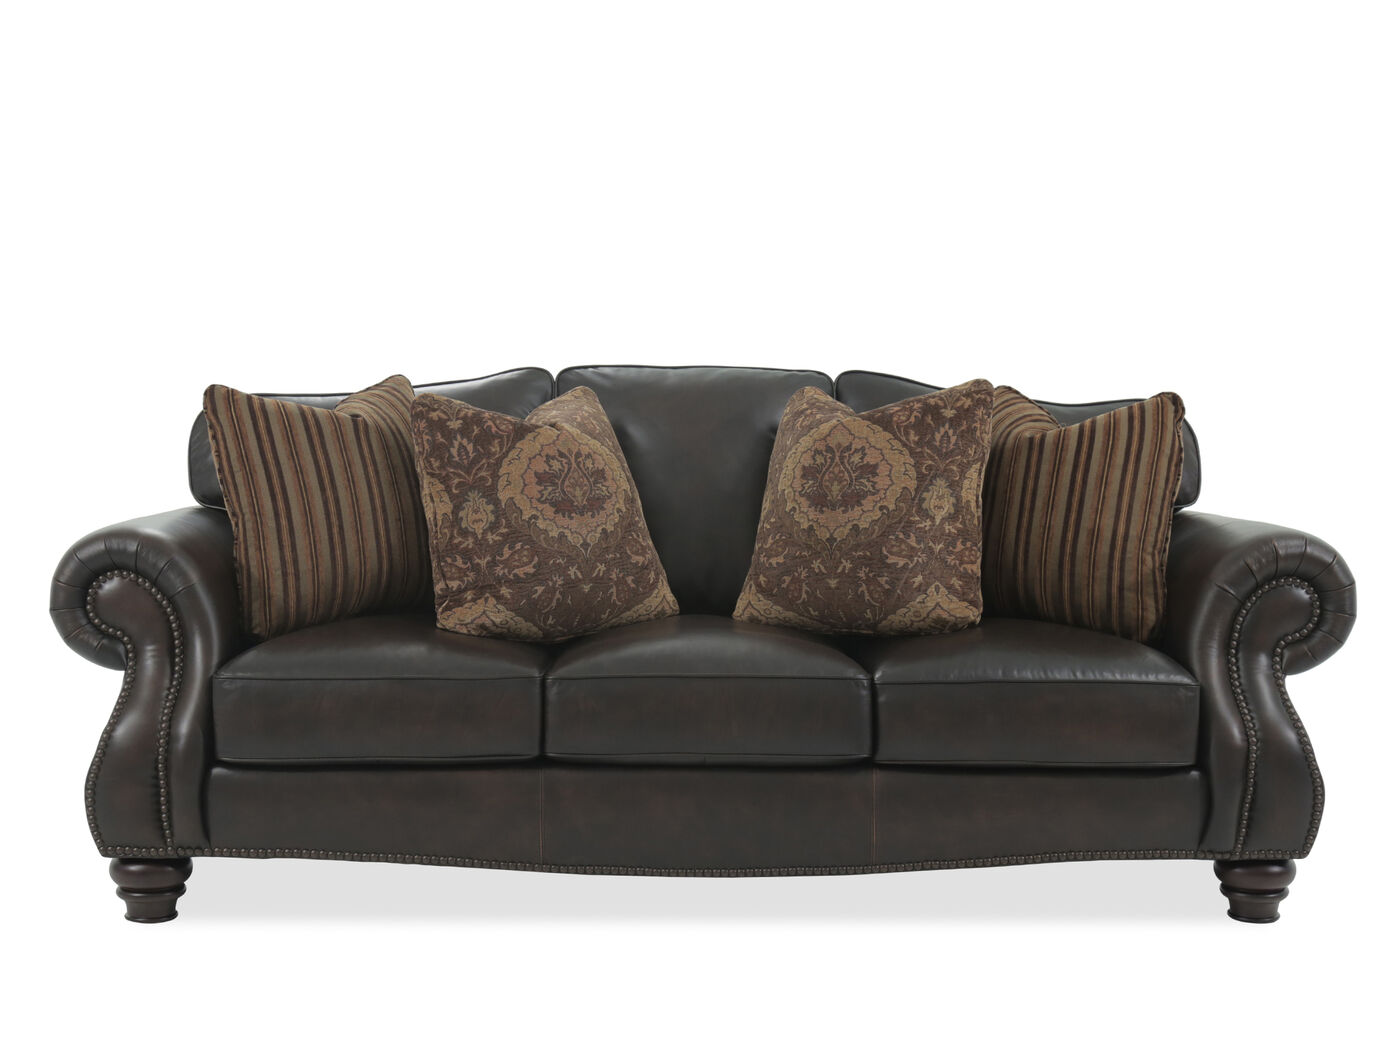 marshall sofa cfc thesofa jonathan lewis bailey sofa jonathan lewis furniture sofa